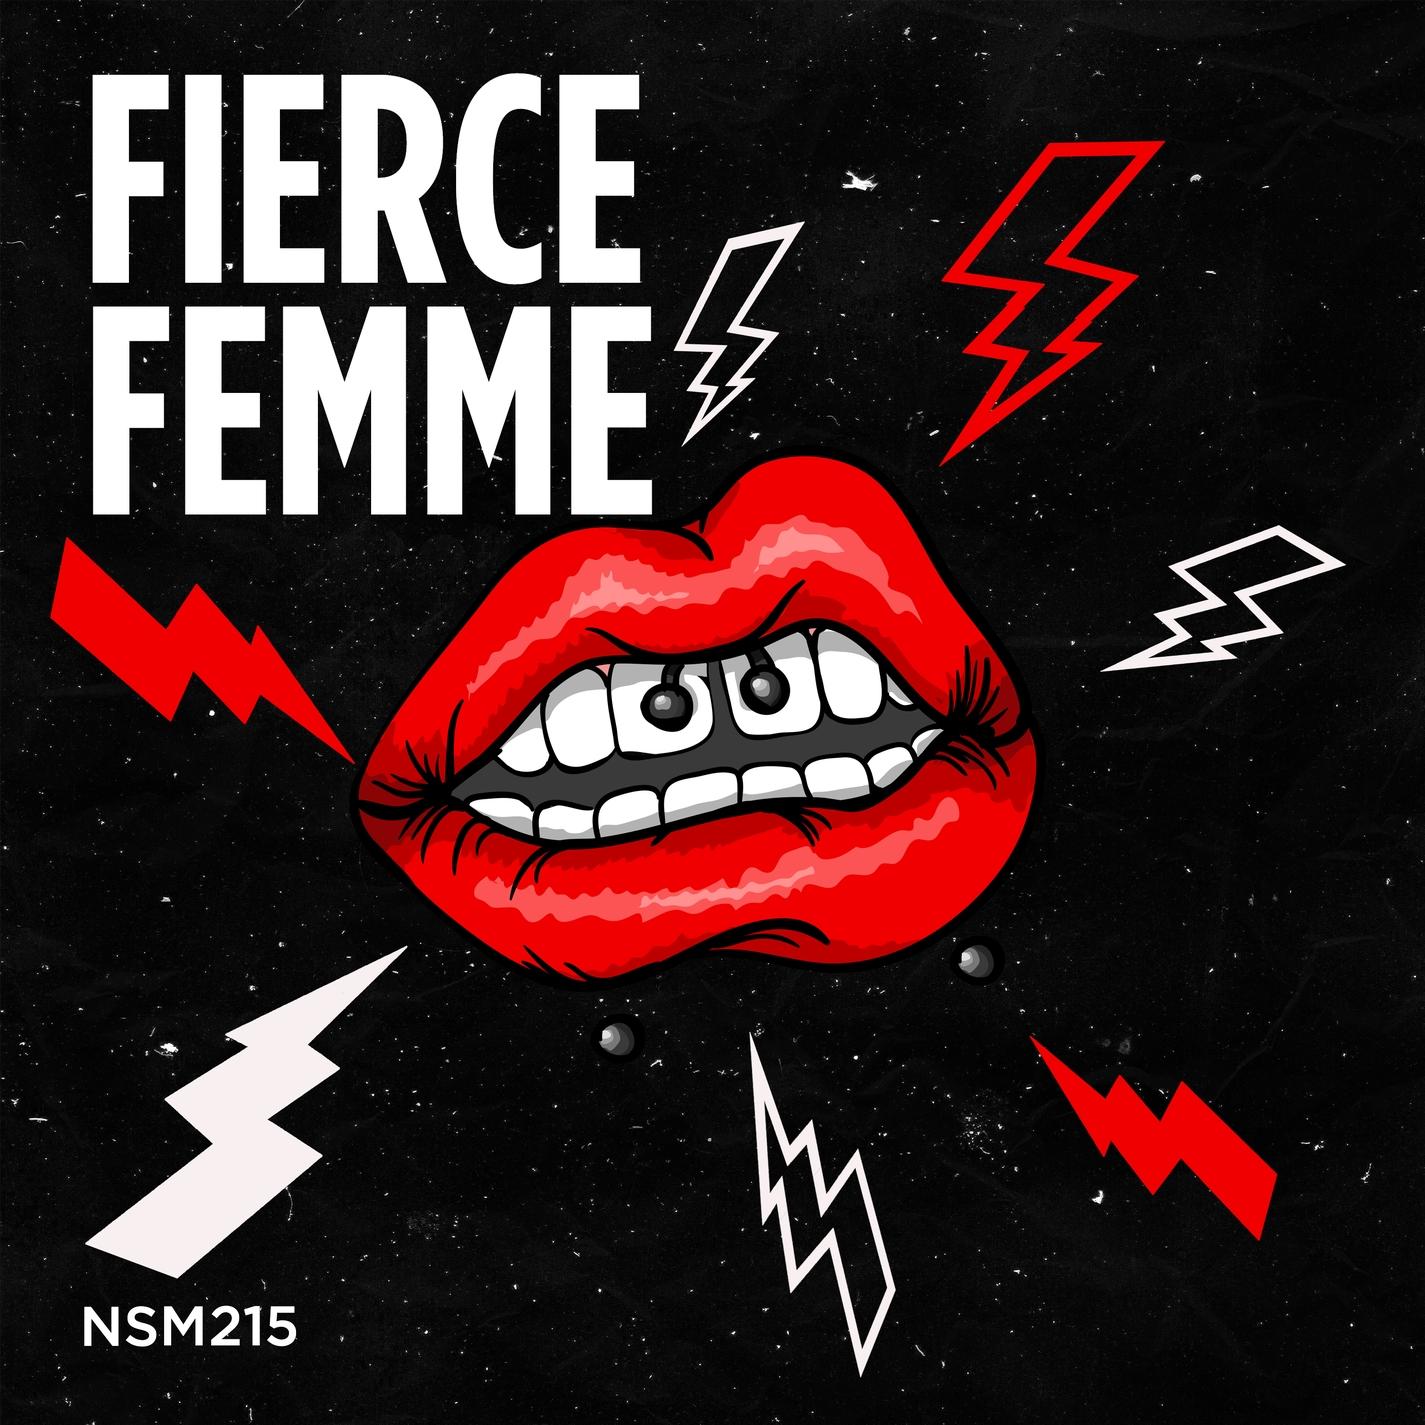 Fierce Femme